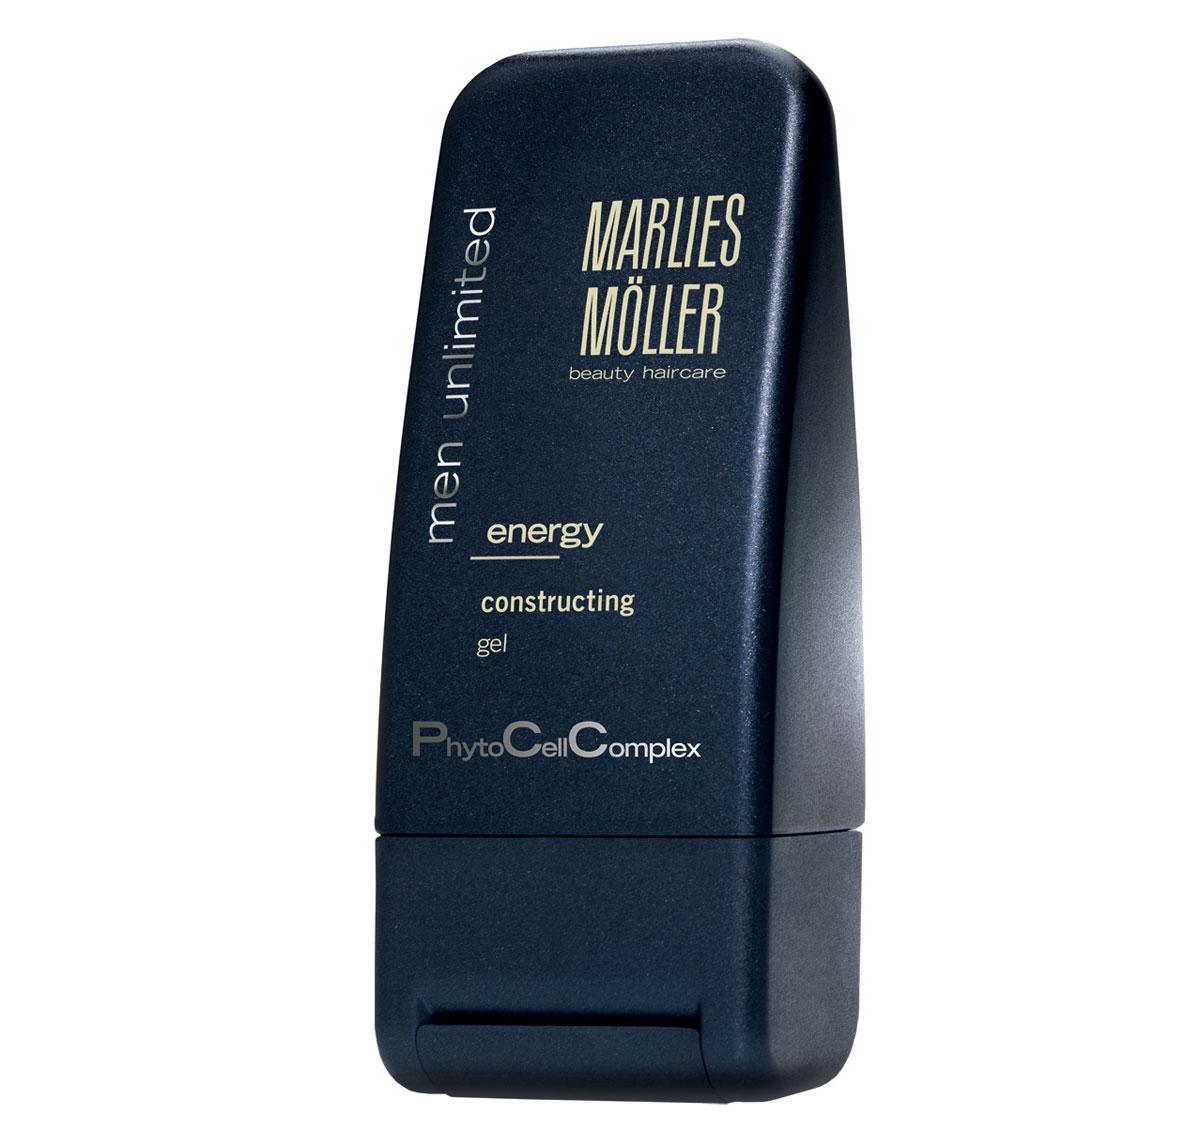 Marlies Moller Структурирующий гель для укладки волос Men Unlimited, для мужчин, 100 млSatin Hair 7 BR730MNГель рекомендуется для любого стиля, для любого типа волос. Придает волосам силу и обеспечивает естественную фиксацию. Сохраняет гибкость укладки, не склеивает волосы. Легко удаляется при расчесывании. Защищает от повреждающего действия УФ лучей и свободных радикалов. Обеспечивает волосам дополнительное увлажнение. Гель легко распределяется по волосам, имеет нелипкую текстуру, не утяжеляет волосы, полностью и легко смывается. Профессиональный совет: наносите гель на влажные волосы для создания современного делового стиля. Предварительно подсушите волосы полотенцем, затем часть волос, в зависимости от Ваших предпочтений, расчешите в нужном направлении. Нанесите на ладонь небольшое количество геля (размером с грецкий орех) и придайте форму прическе. Закрепите фиксацию с помощью теплового воздействия фена. Можно наносить гель на сухие волосы для создания спортивного стиля. Нанесите гель на ладони и взъерошьте сухие волосы руками. Затем возьмите еще немного средства и придайте форму отдельным прядям.Возьмите небольшое количество средства. В зависимости от желаемого эффекта нанесите на сухие или подсушенные полотенцем волосы. Уложите как обычно.